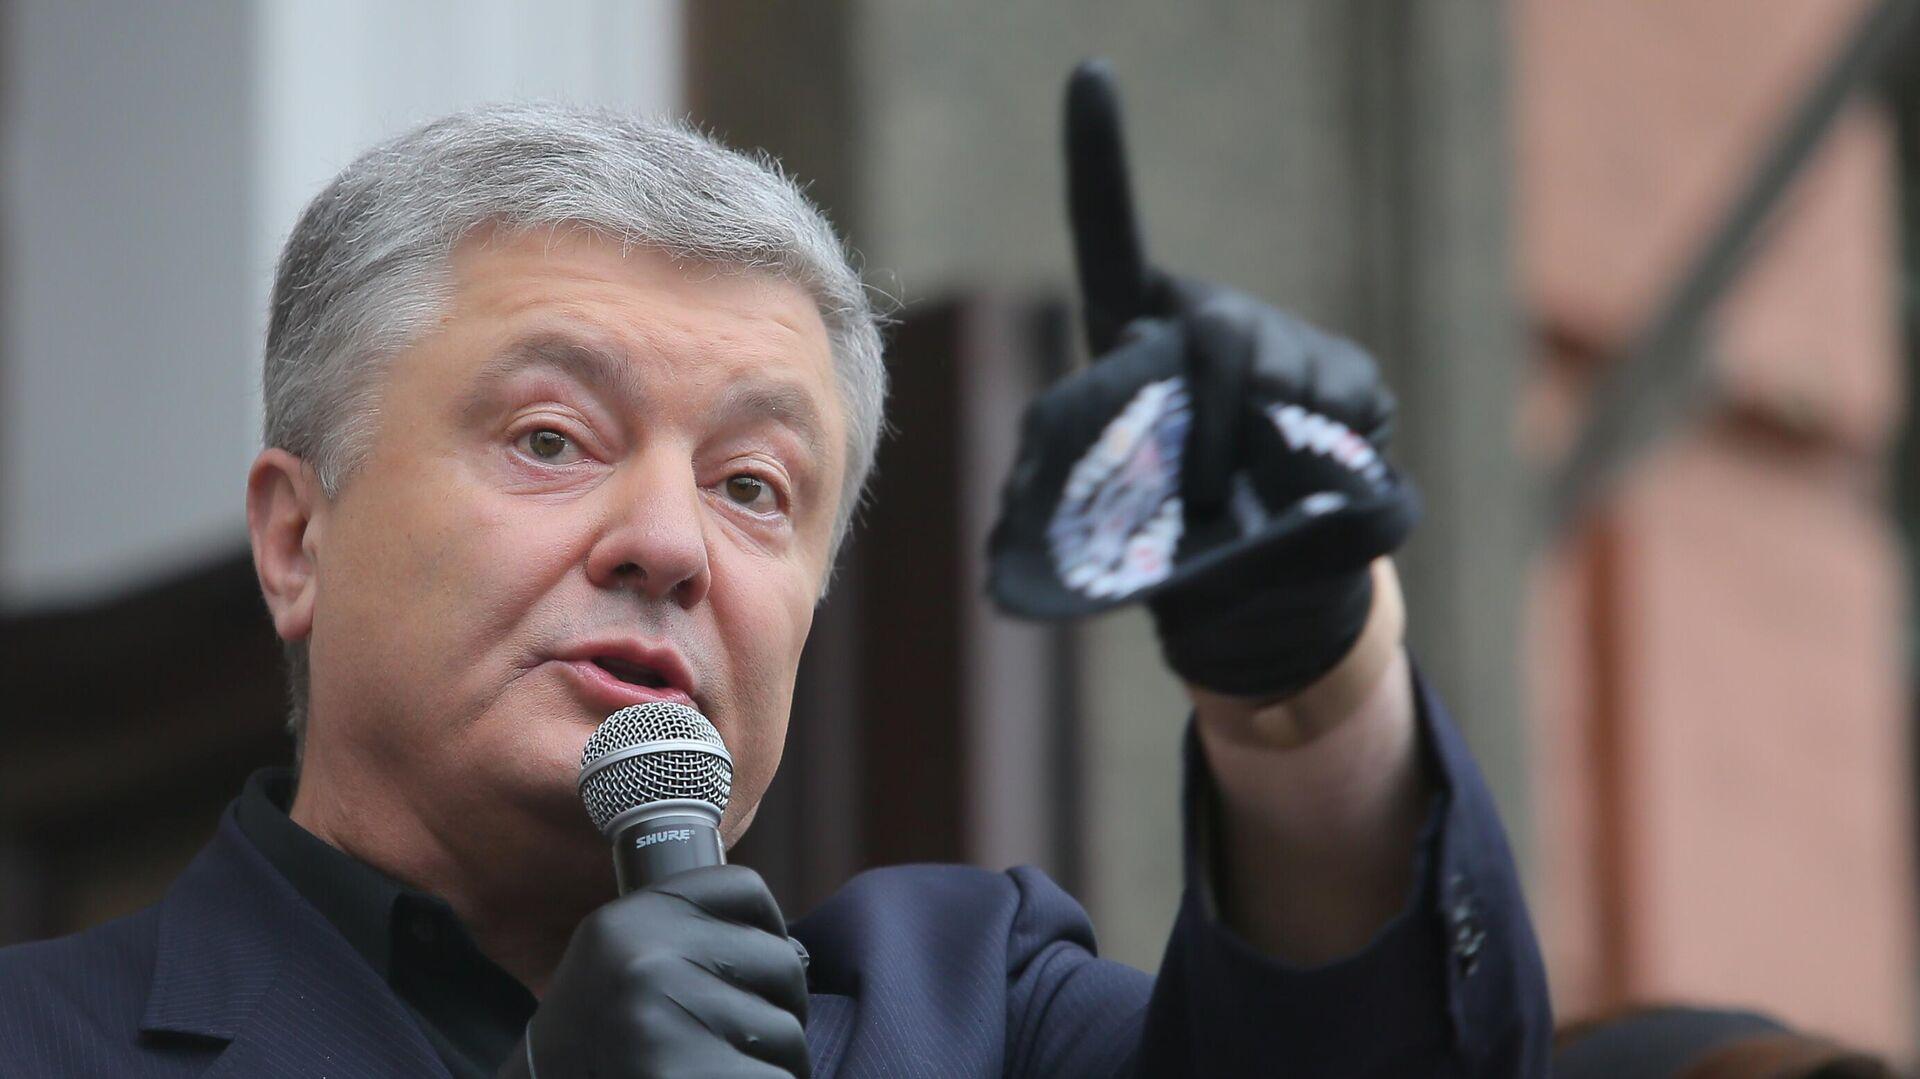 Петр Порошенко выступает у здания Печорского районного суда - РИА Новости, 1920, 04.10.2021